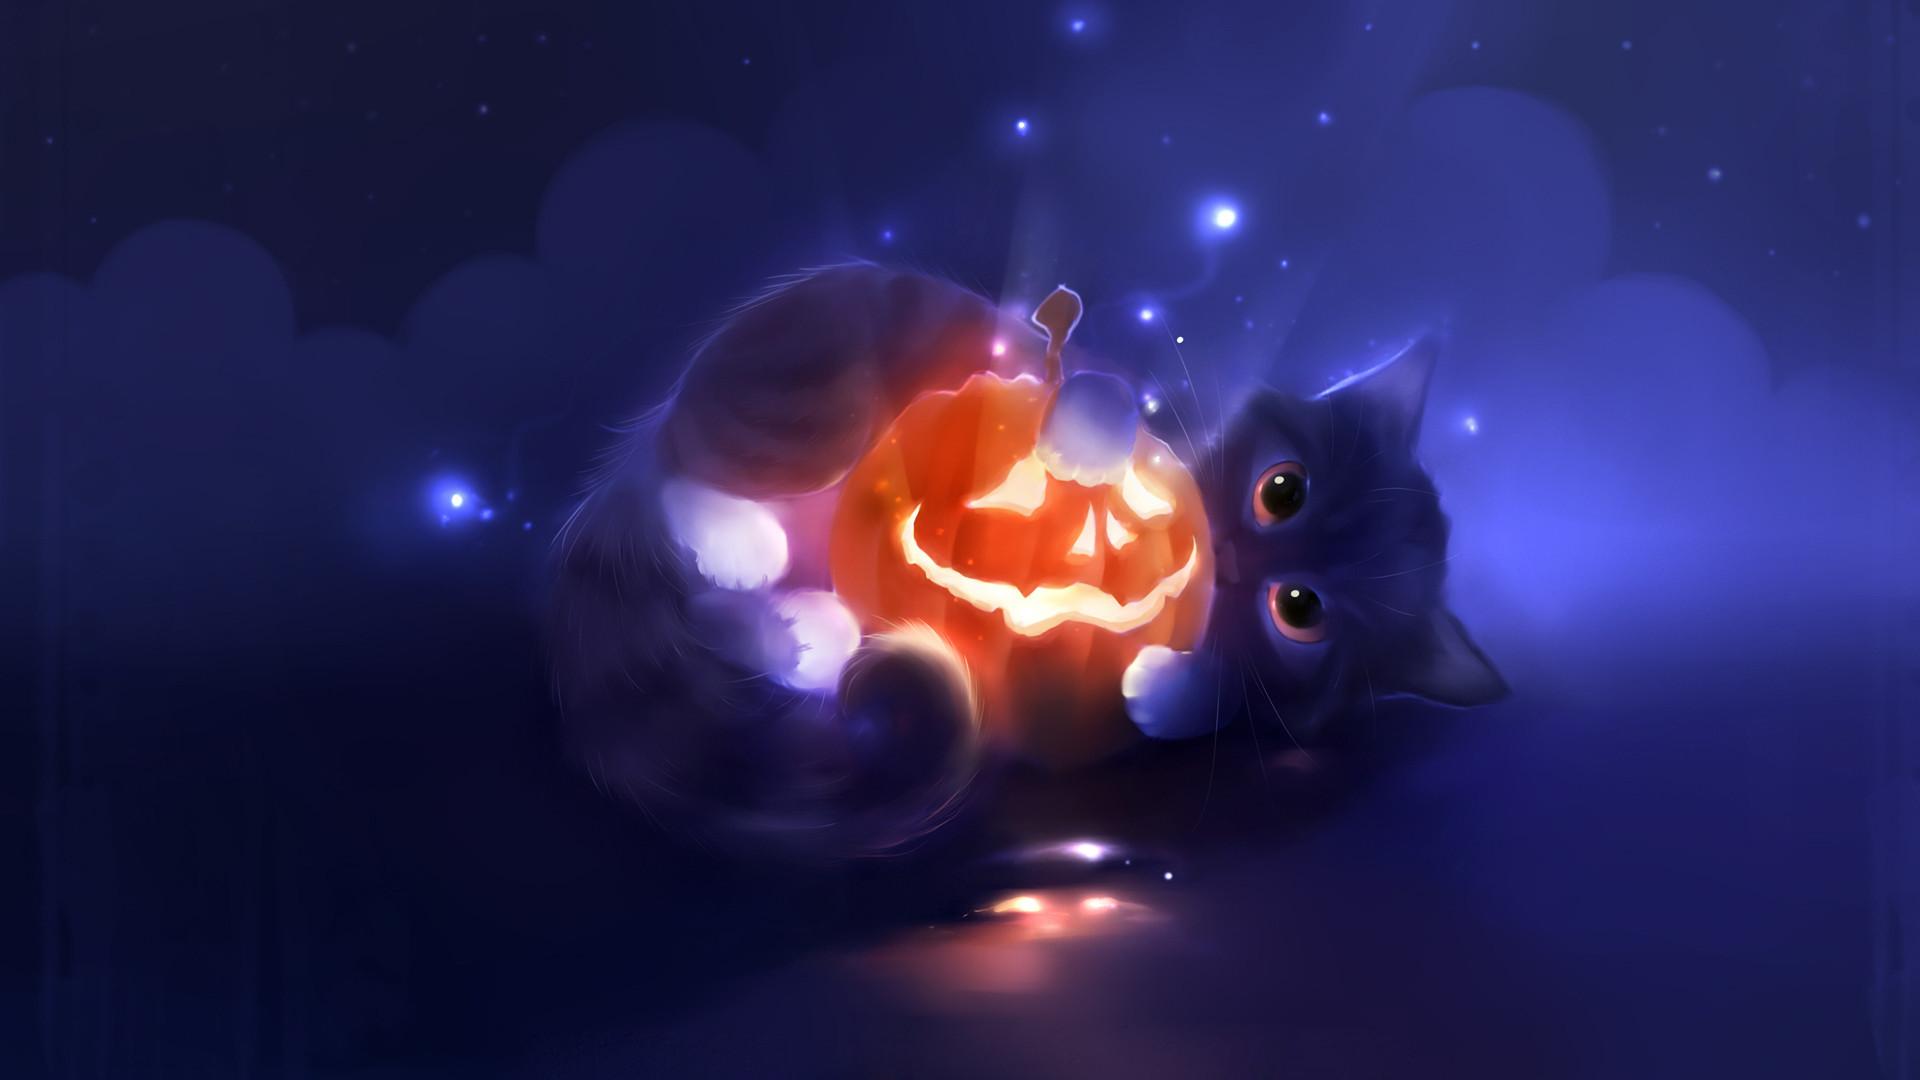 Cute Cat Halloween Wallpaper 11